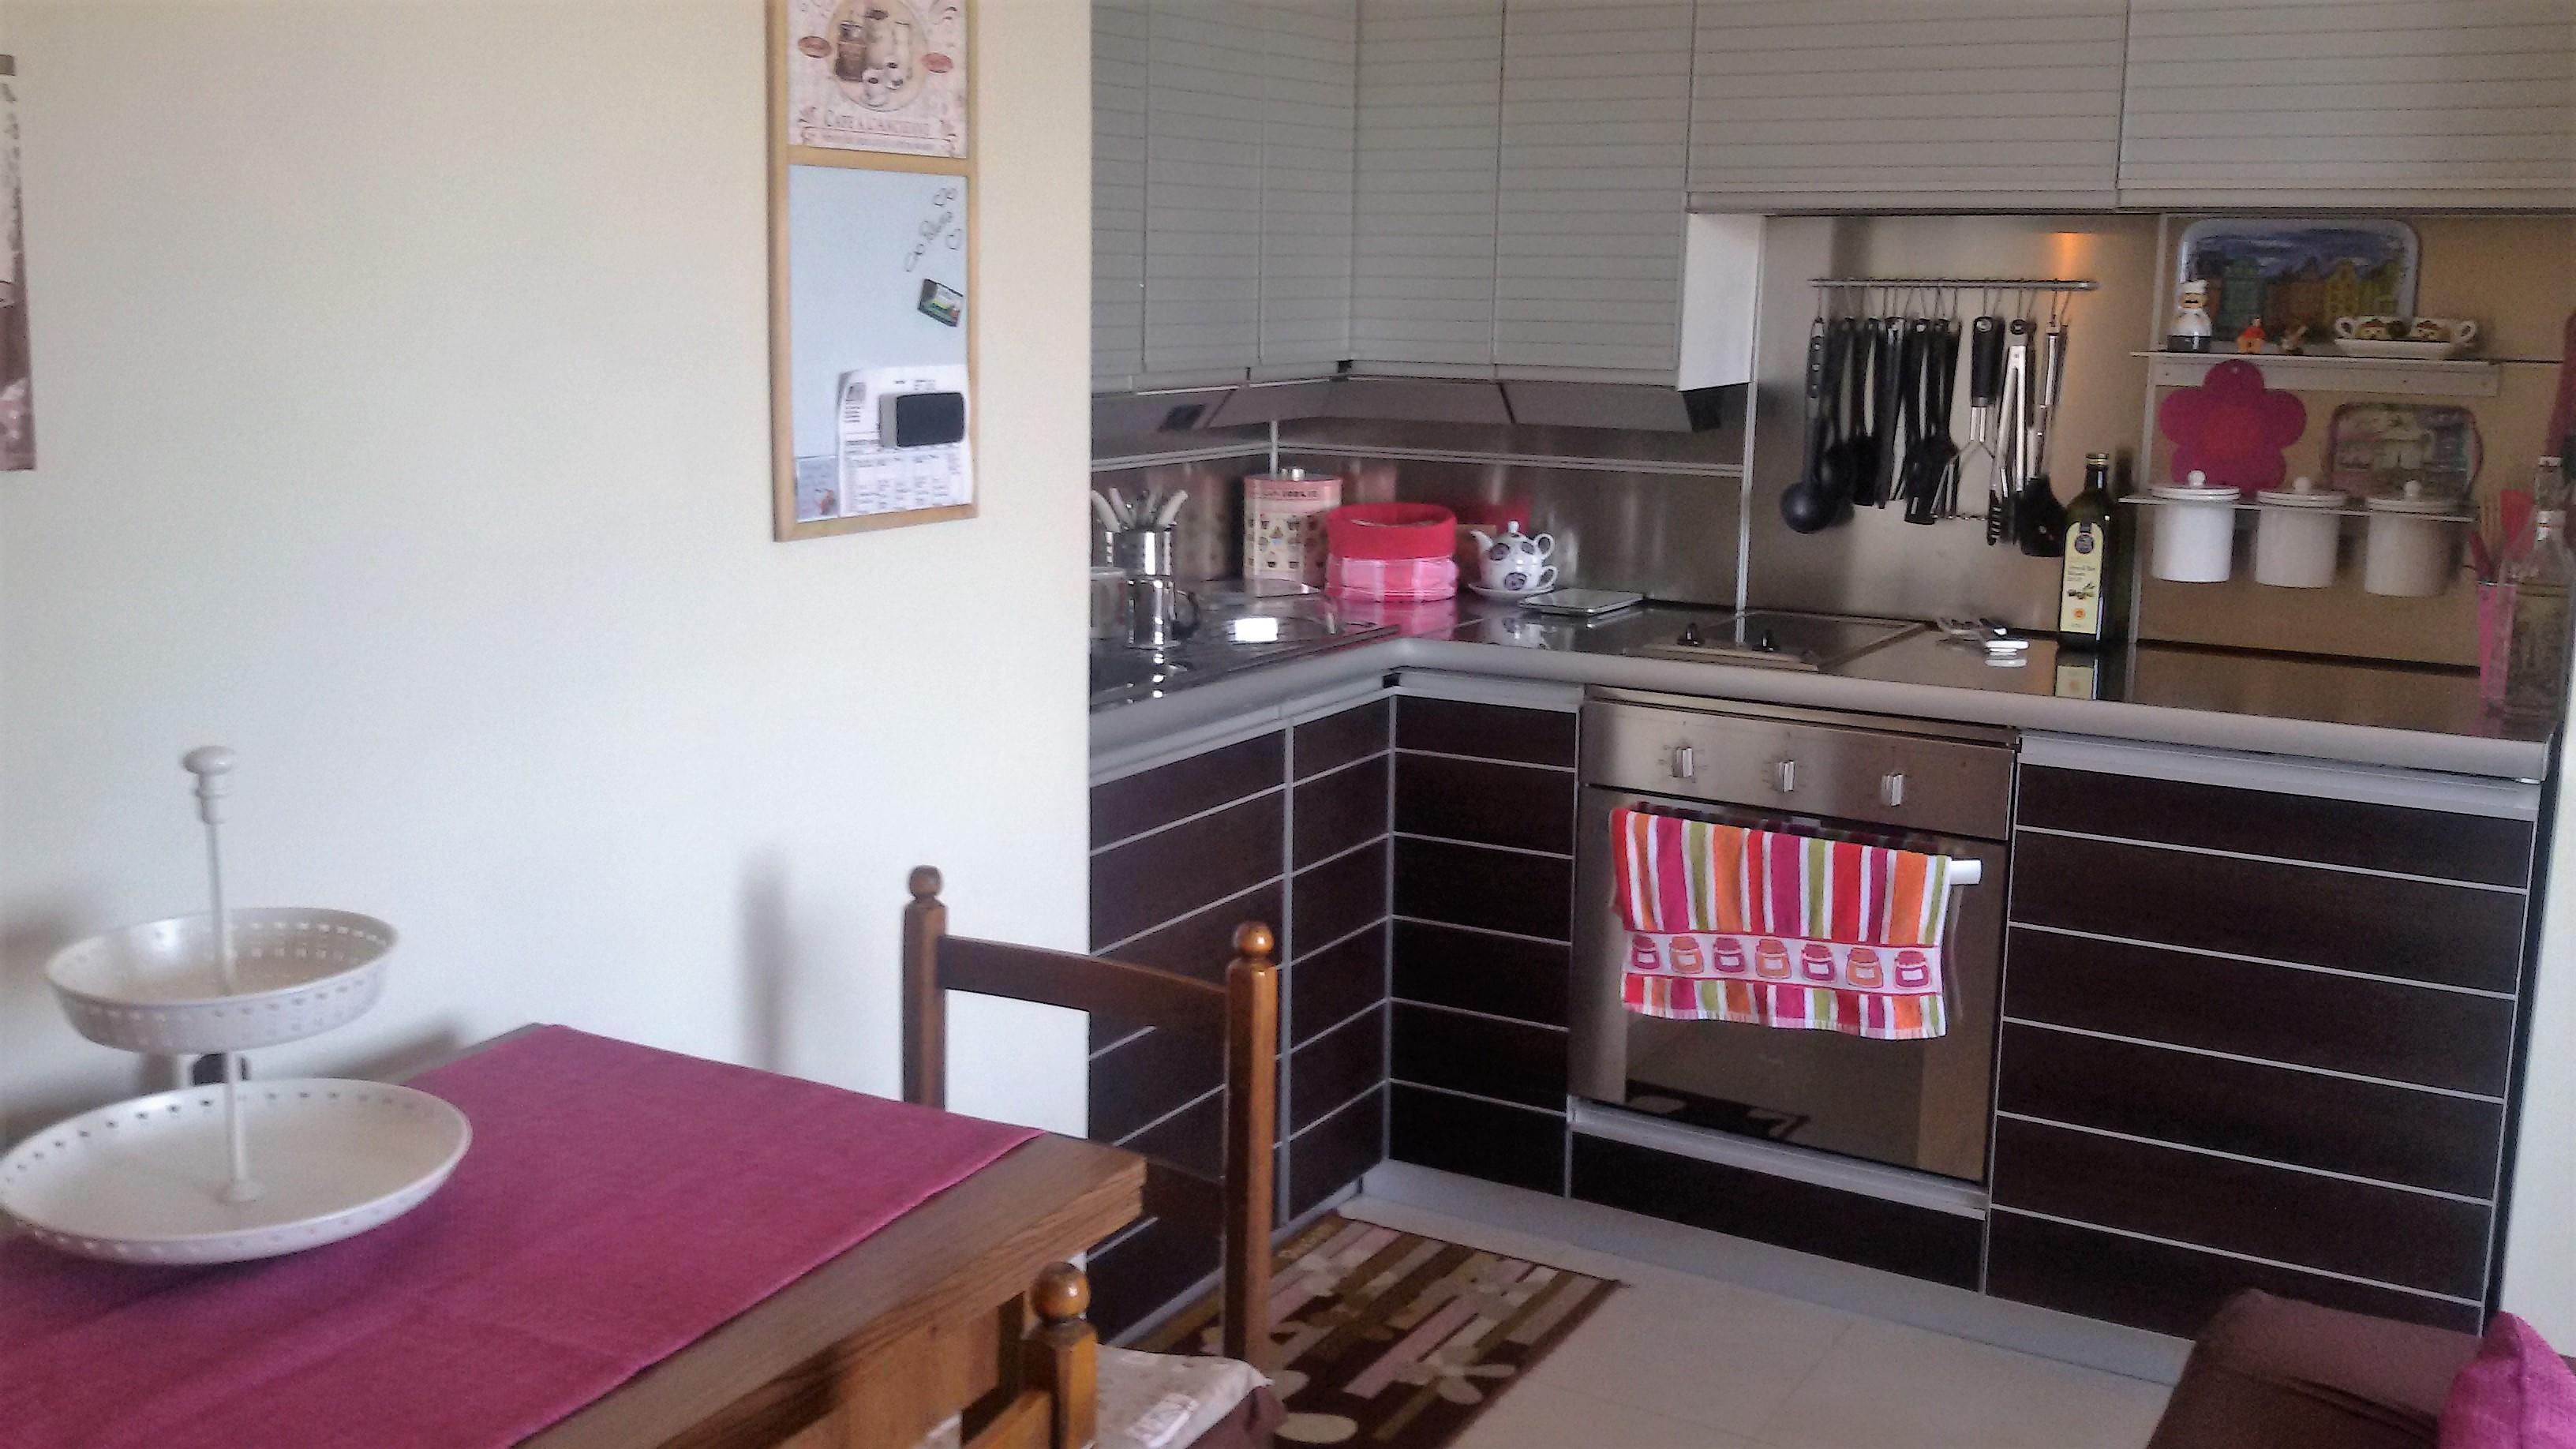 Appartamento in affitto a roma san giovanni rif 875 for Affitto uso ufficio roma san giovanni